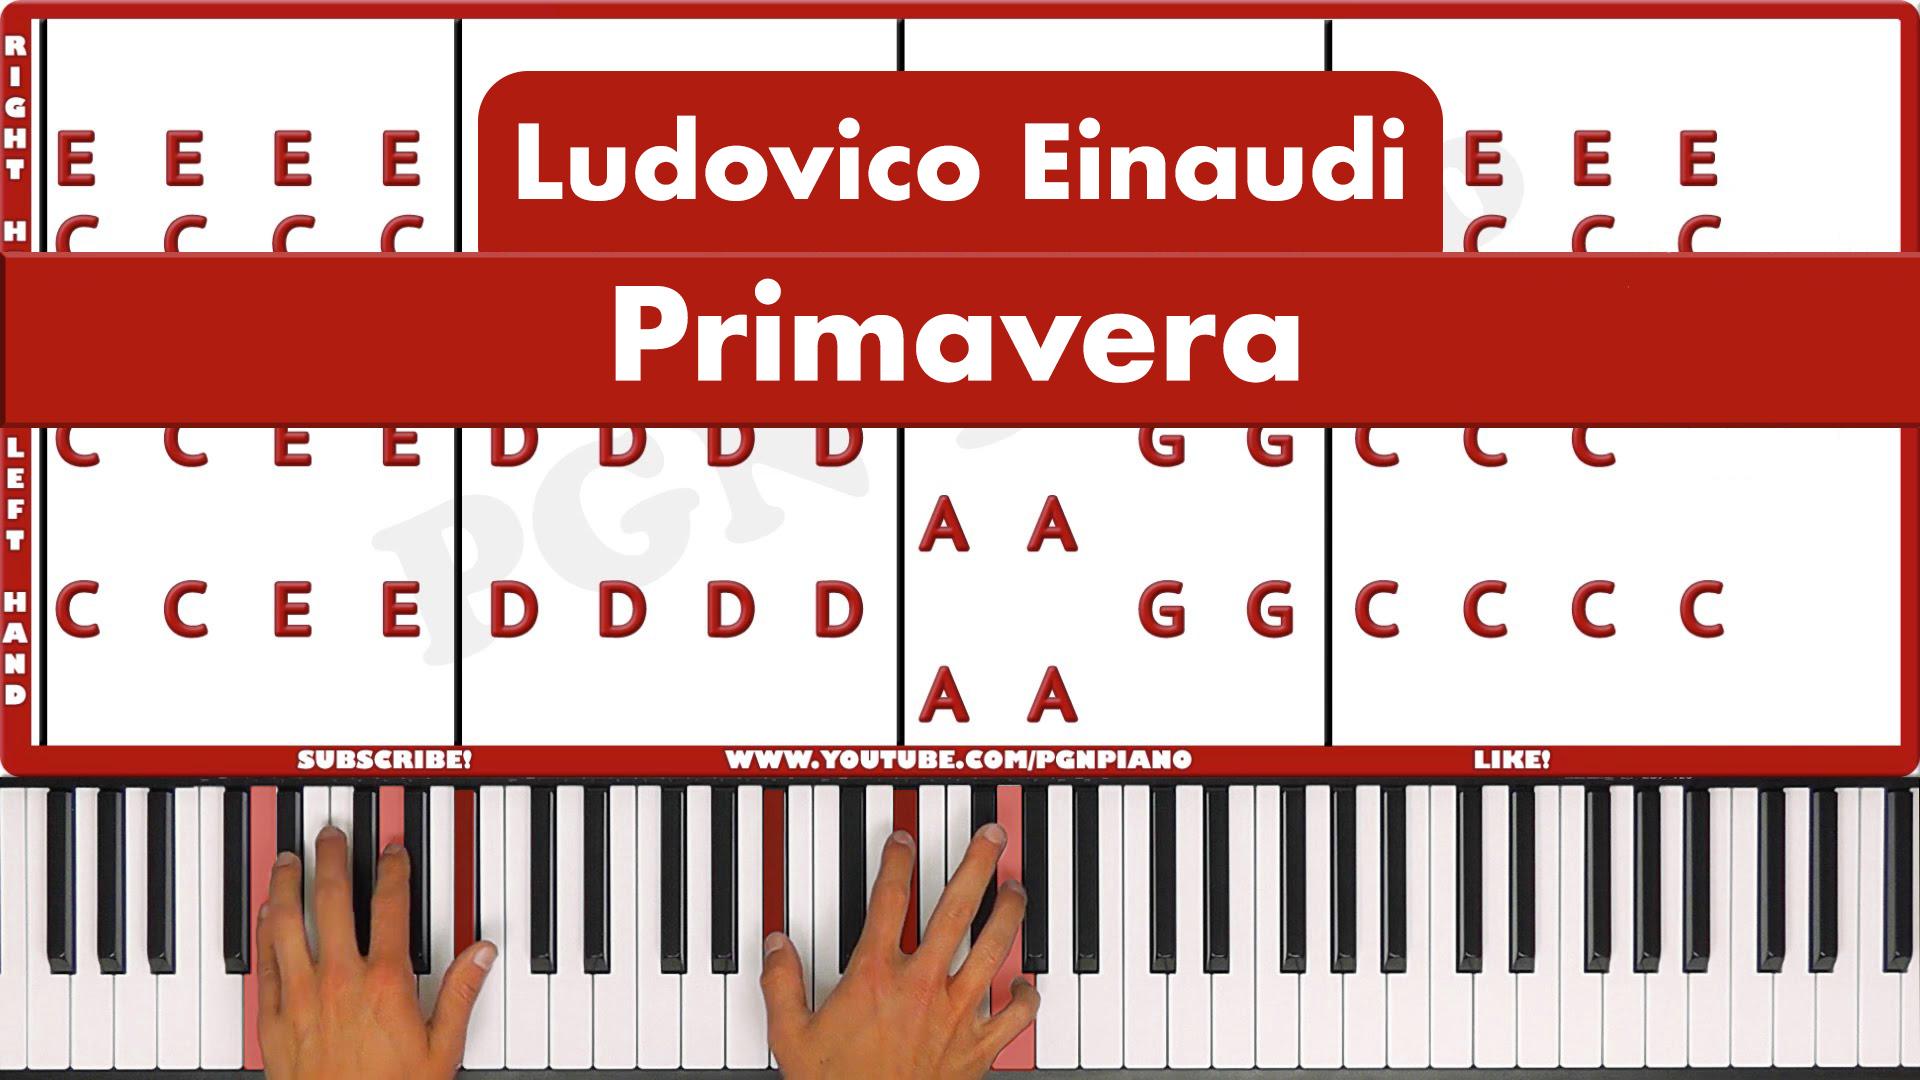 Ludovico Einaudi – Primavera – Original